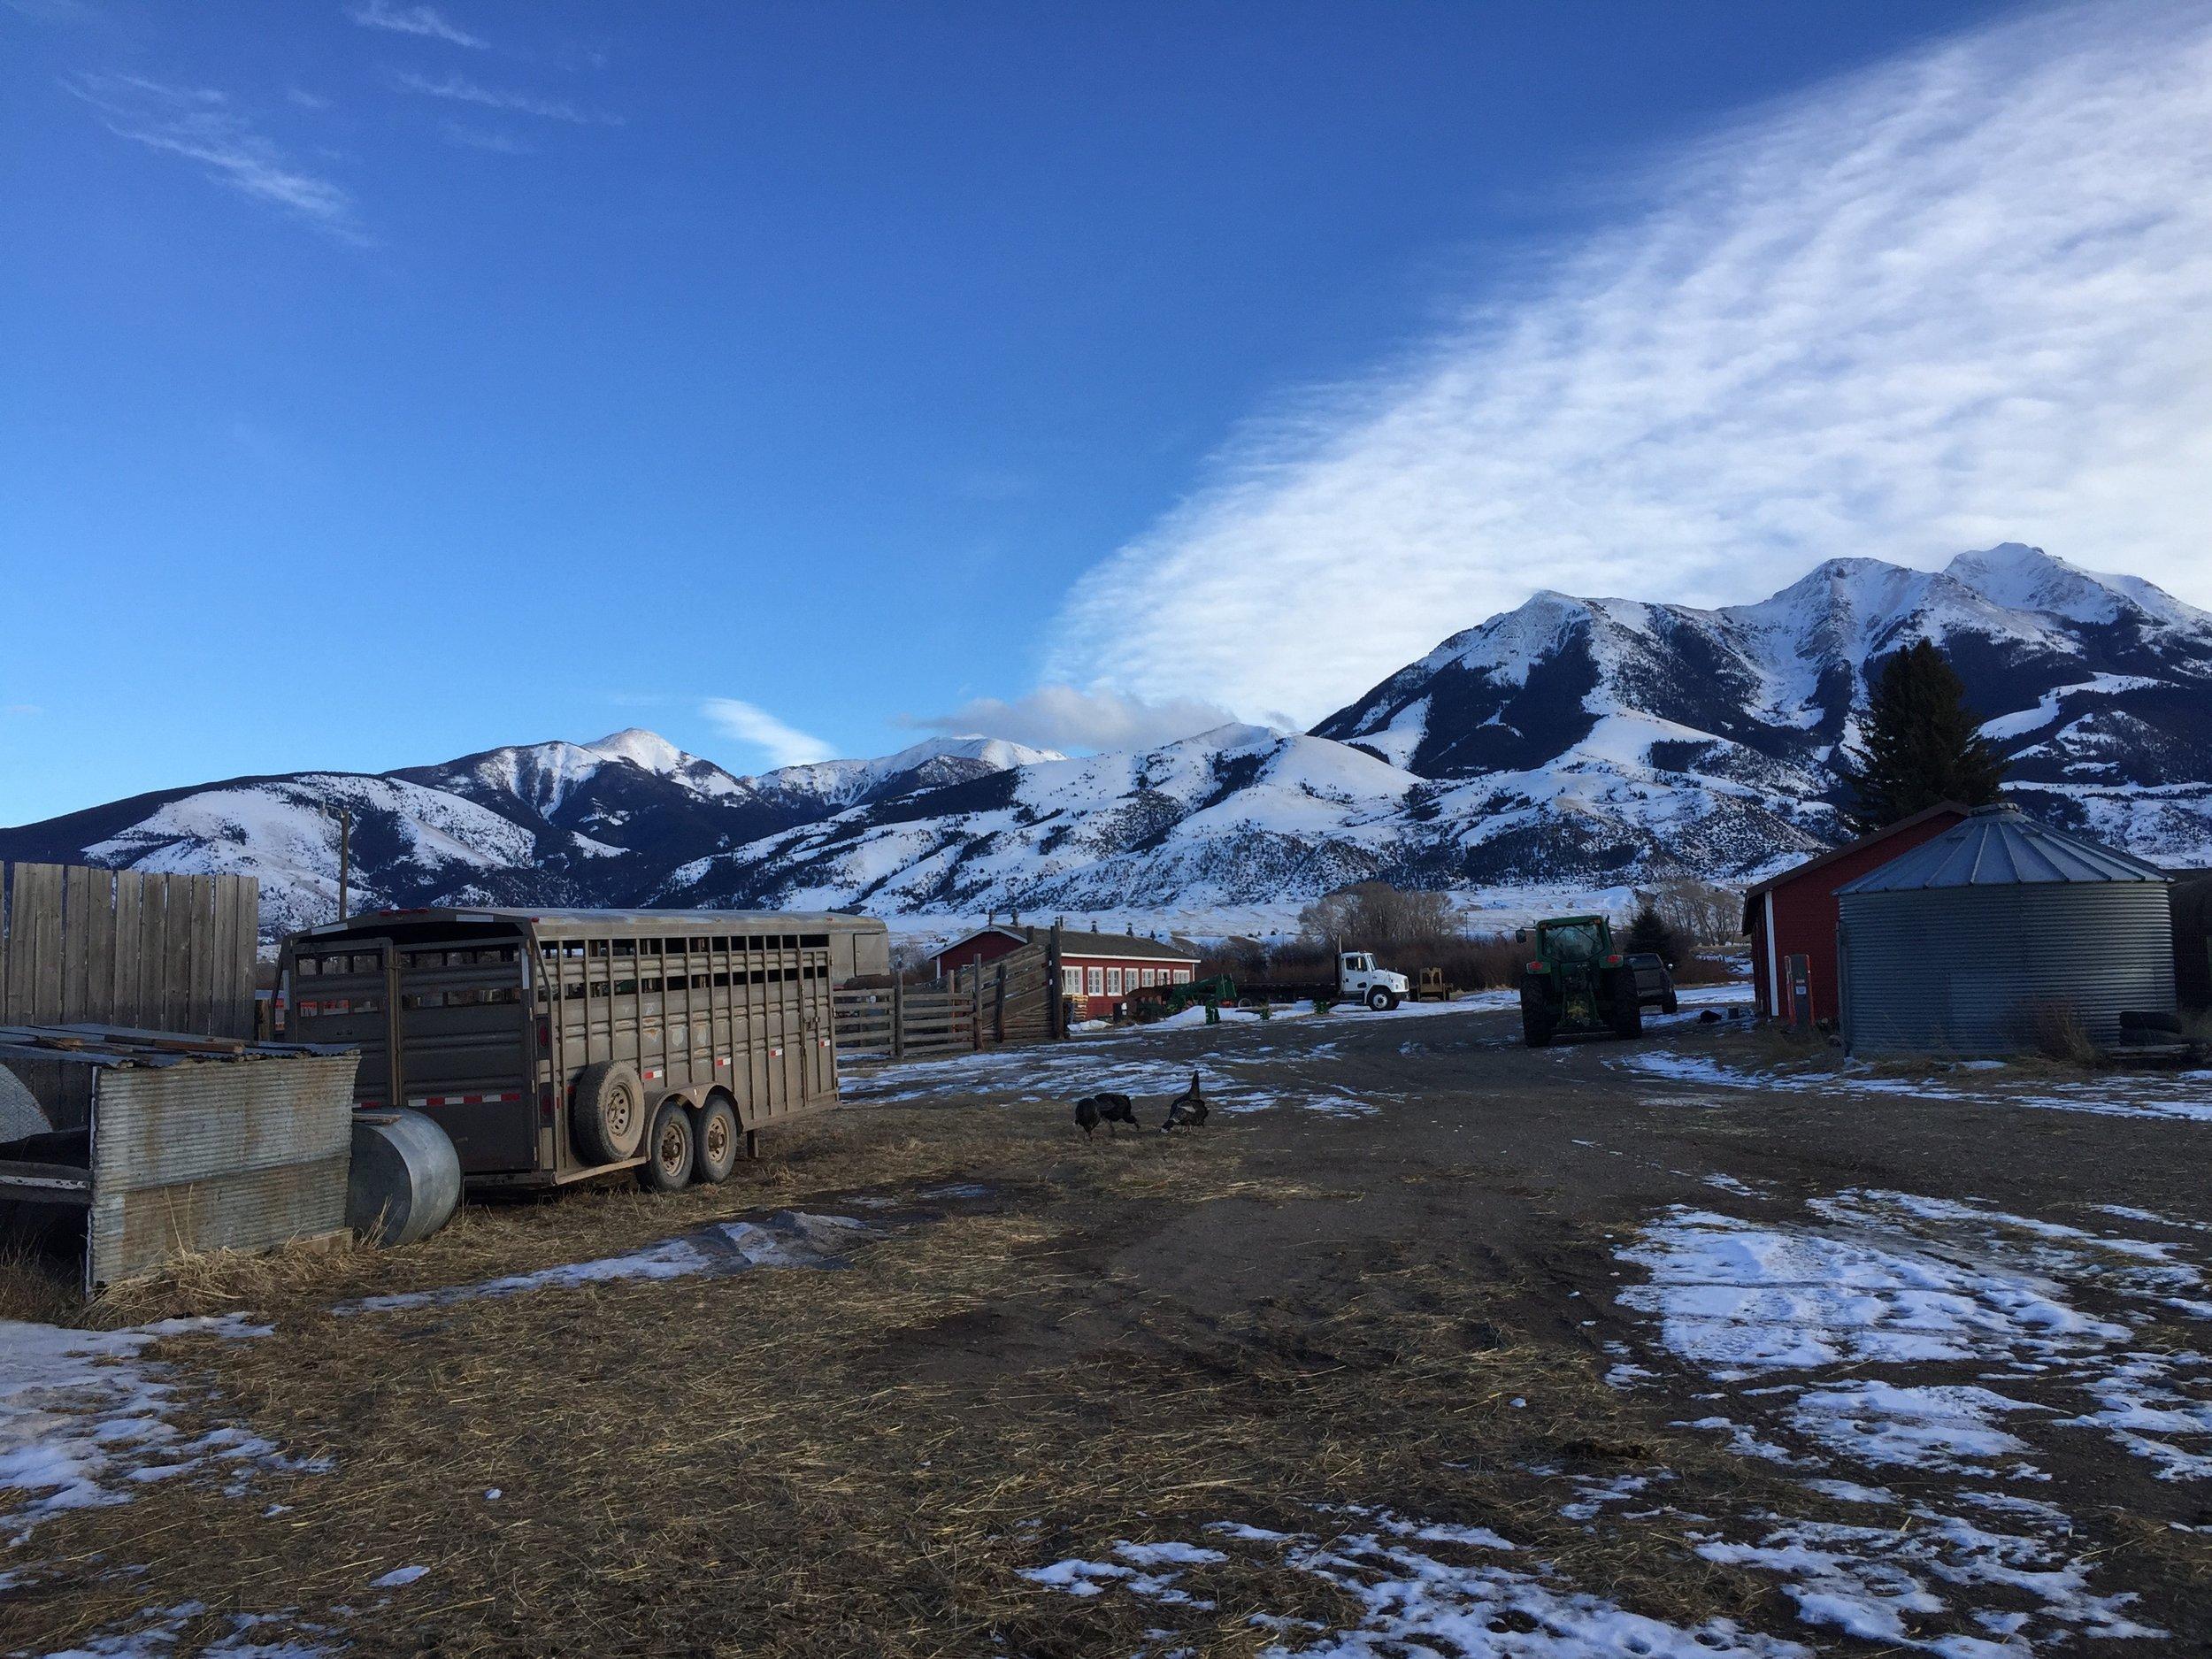 Druska's ranch